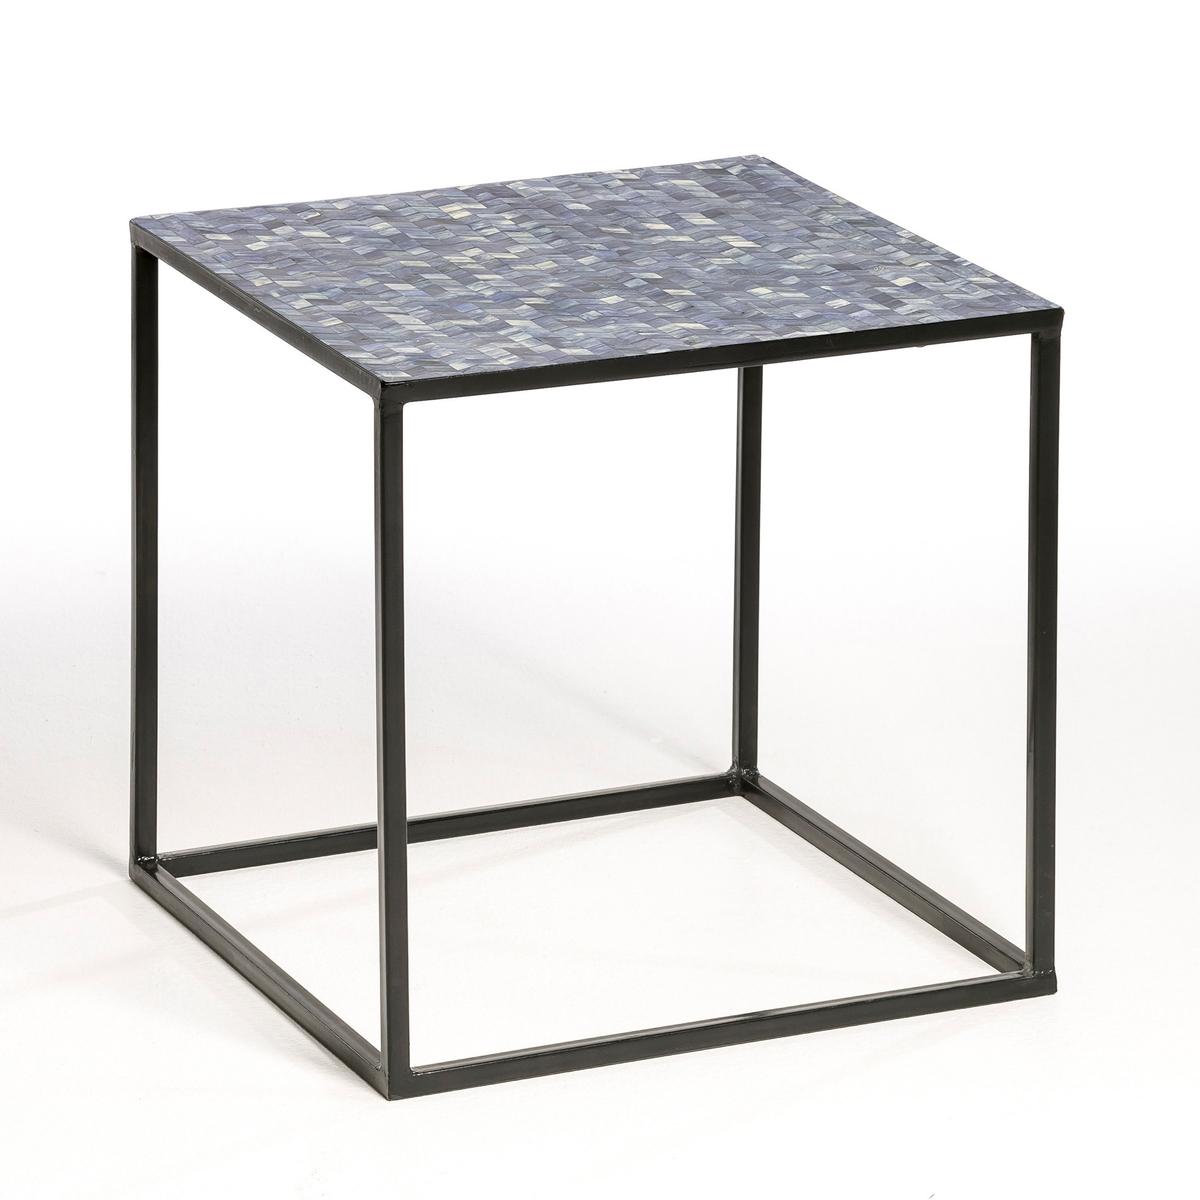 Столик, ElrosСтолик Elros : Журнальный или прикроватный столик...  Описание :- Каркас из металла .- Столешница из МДФ и пластика цвета индиго, с мозаичным рисунком .Размеры : - 40 x 40 x 40 см<br><br>Цвет: синий индиго